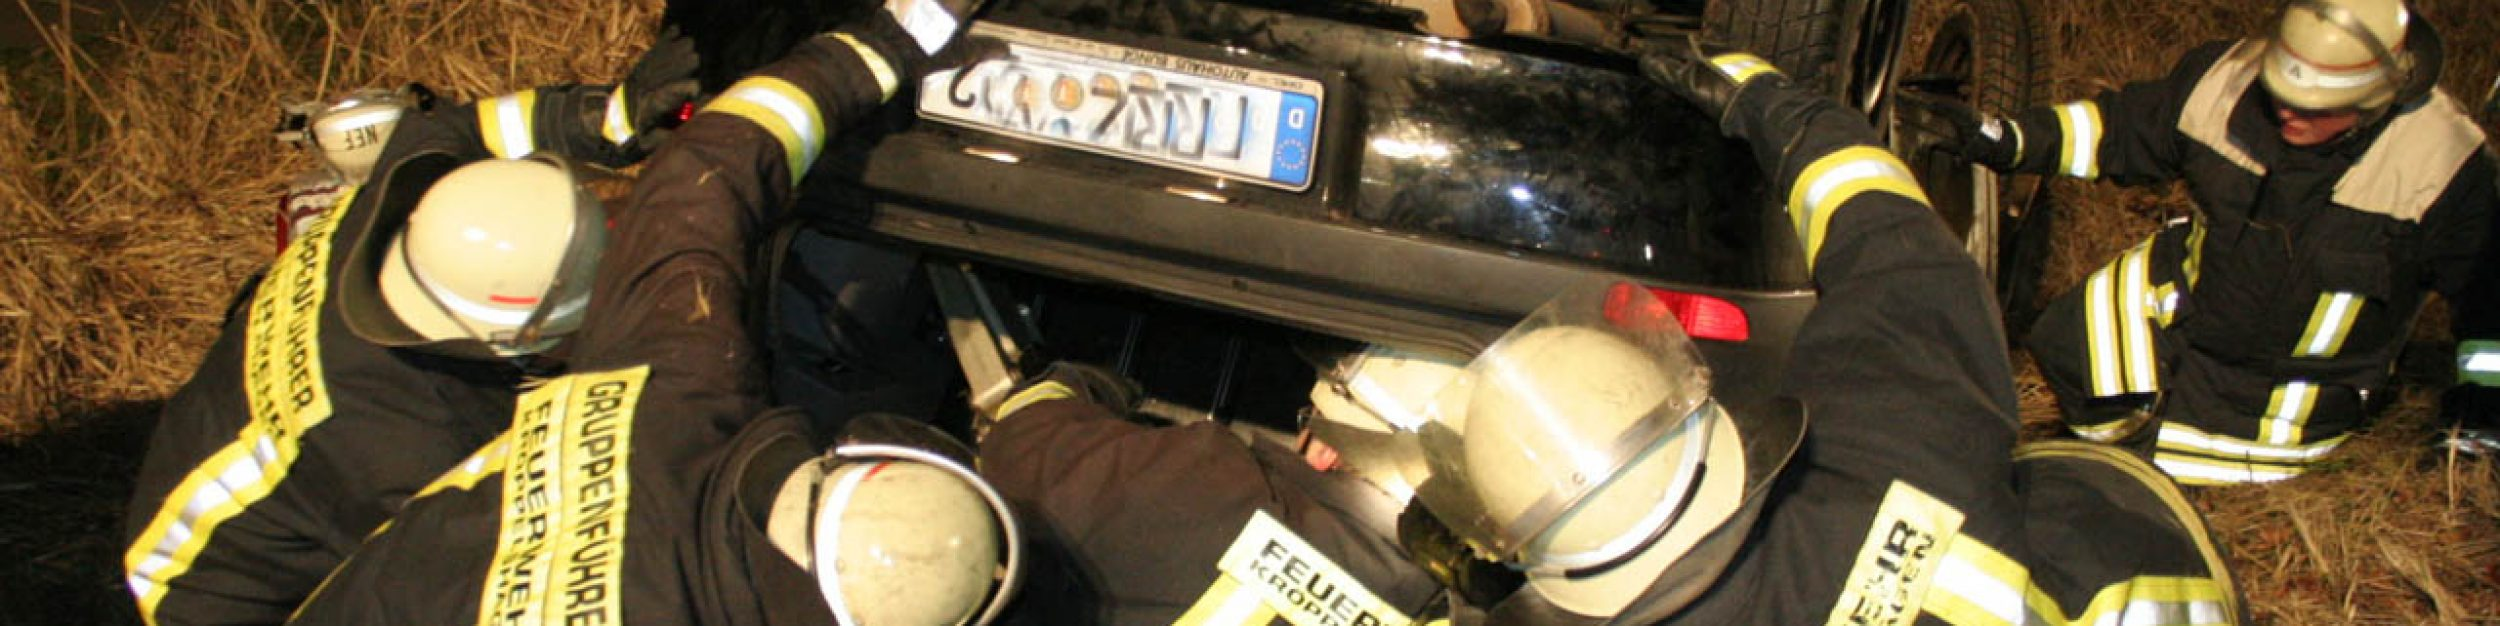 Freiwillige Feuerwehr Escheburg